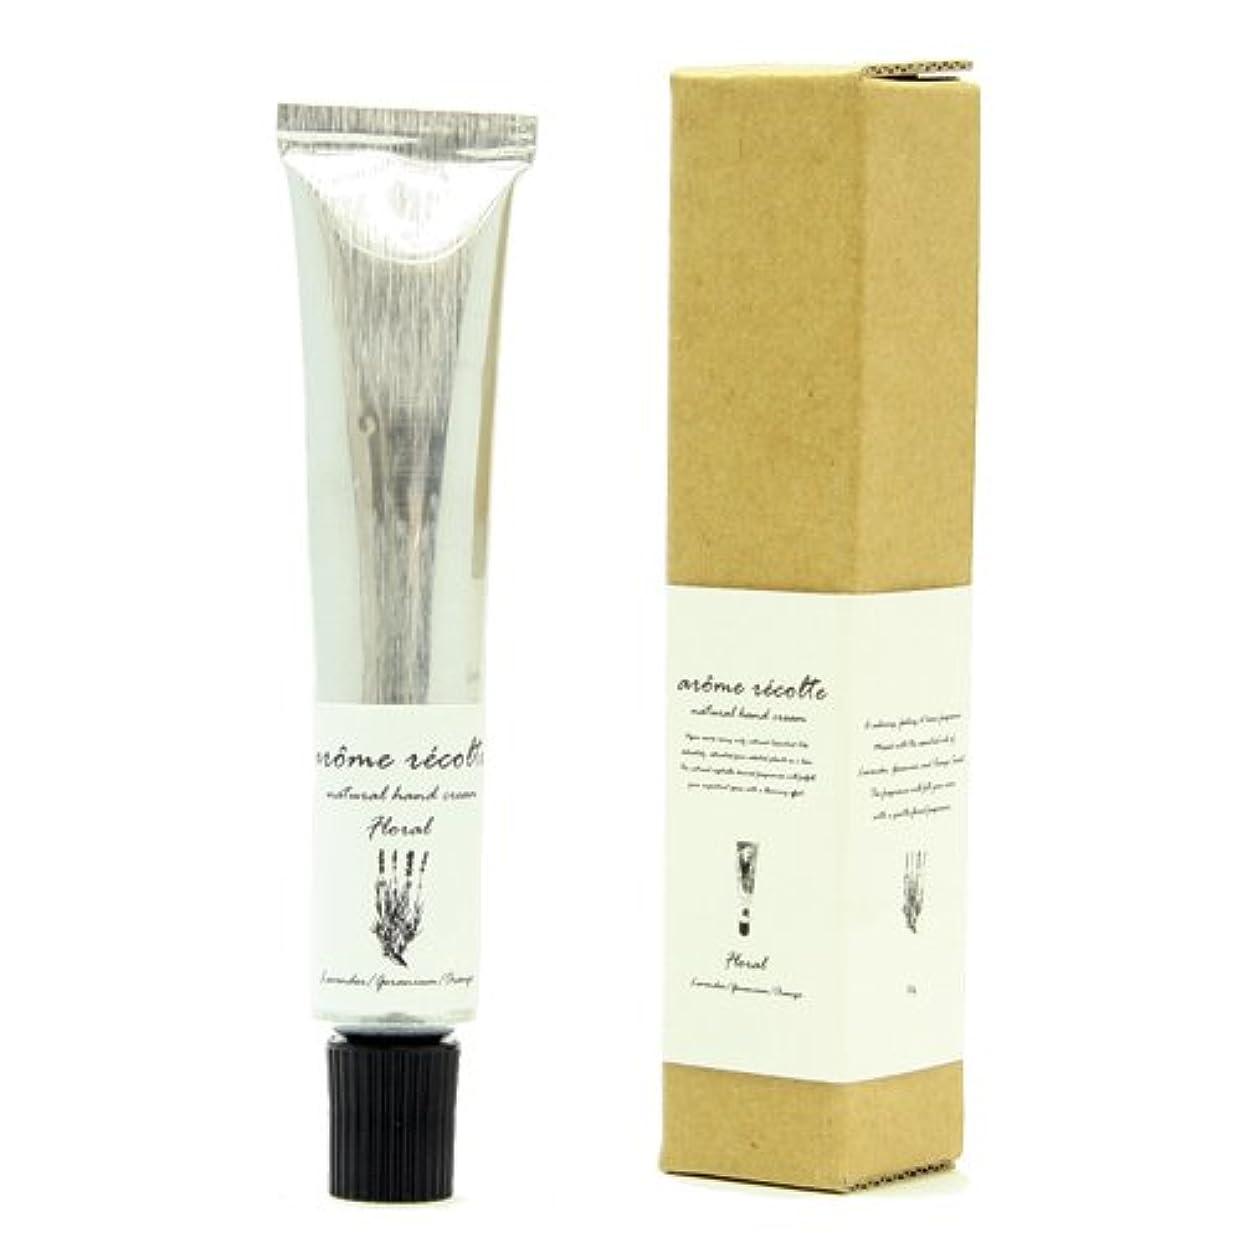 機関車ランデブー骨アロマレコルト ナチュラル ハンドクリーム 30g フローラル Floral arome recolte hand cream